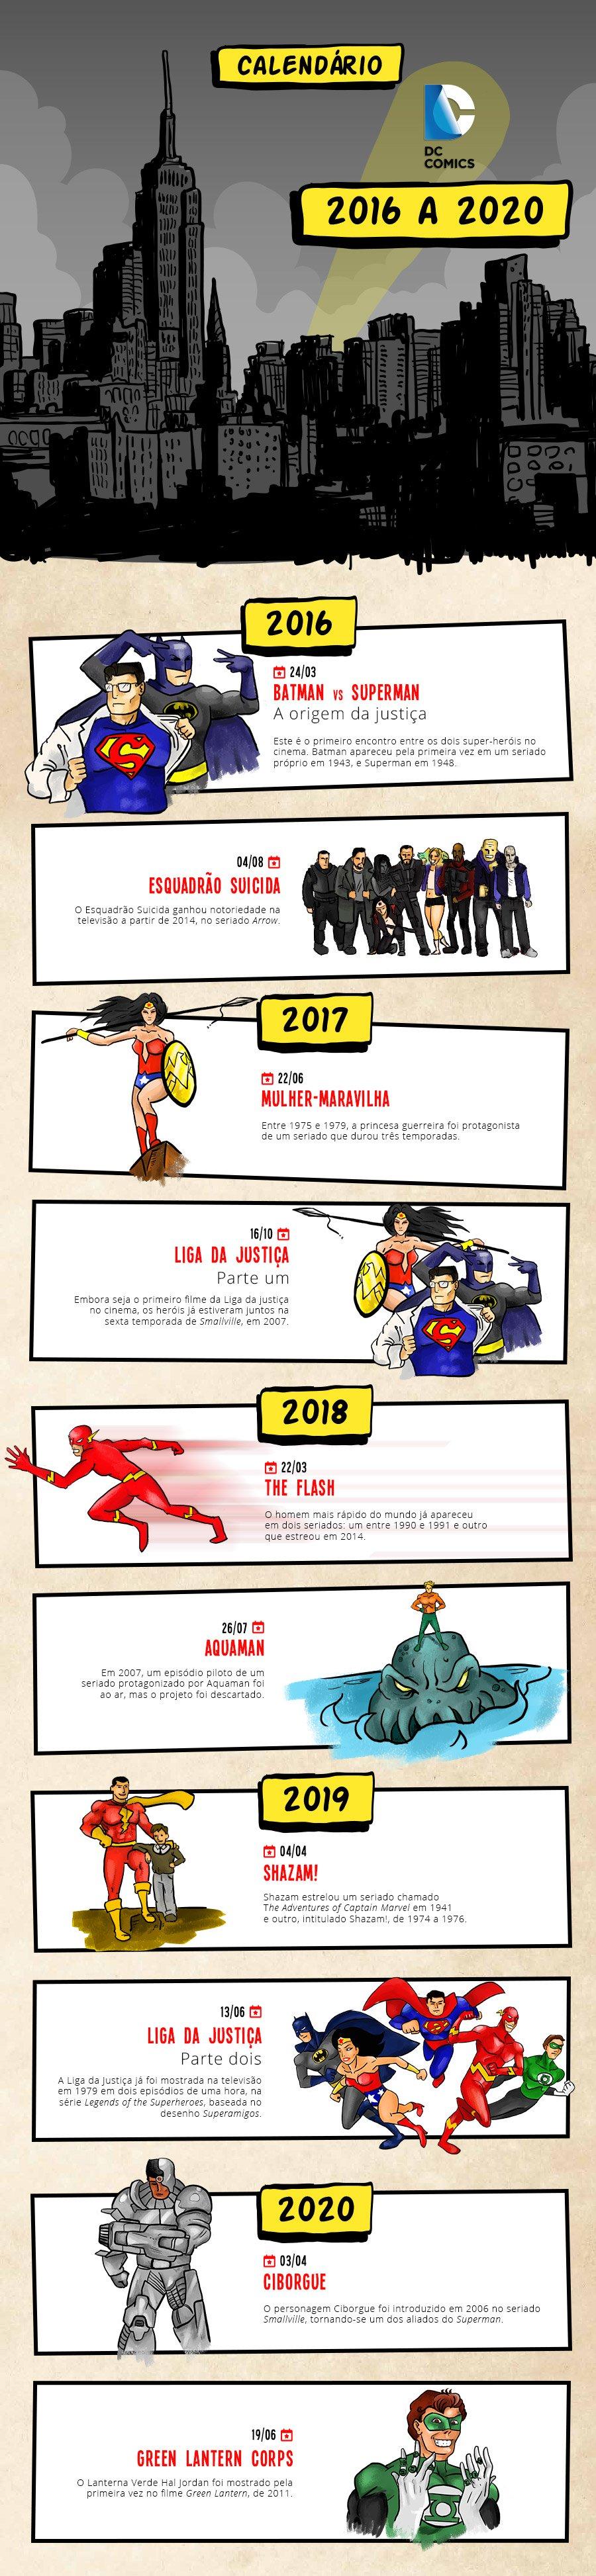 Infográfico-calendário-filmes-da-DC-2016-2020